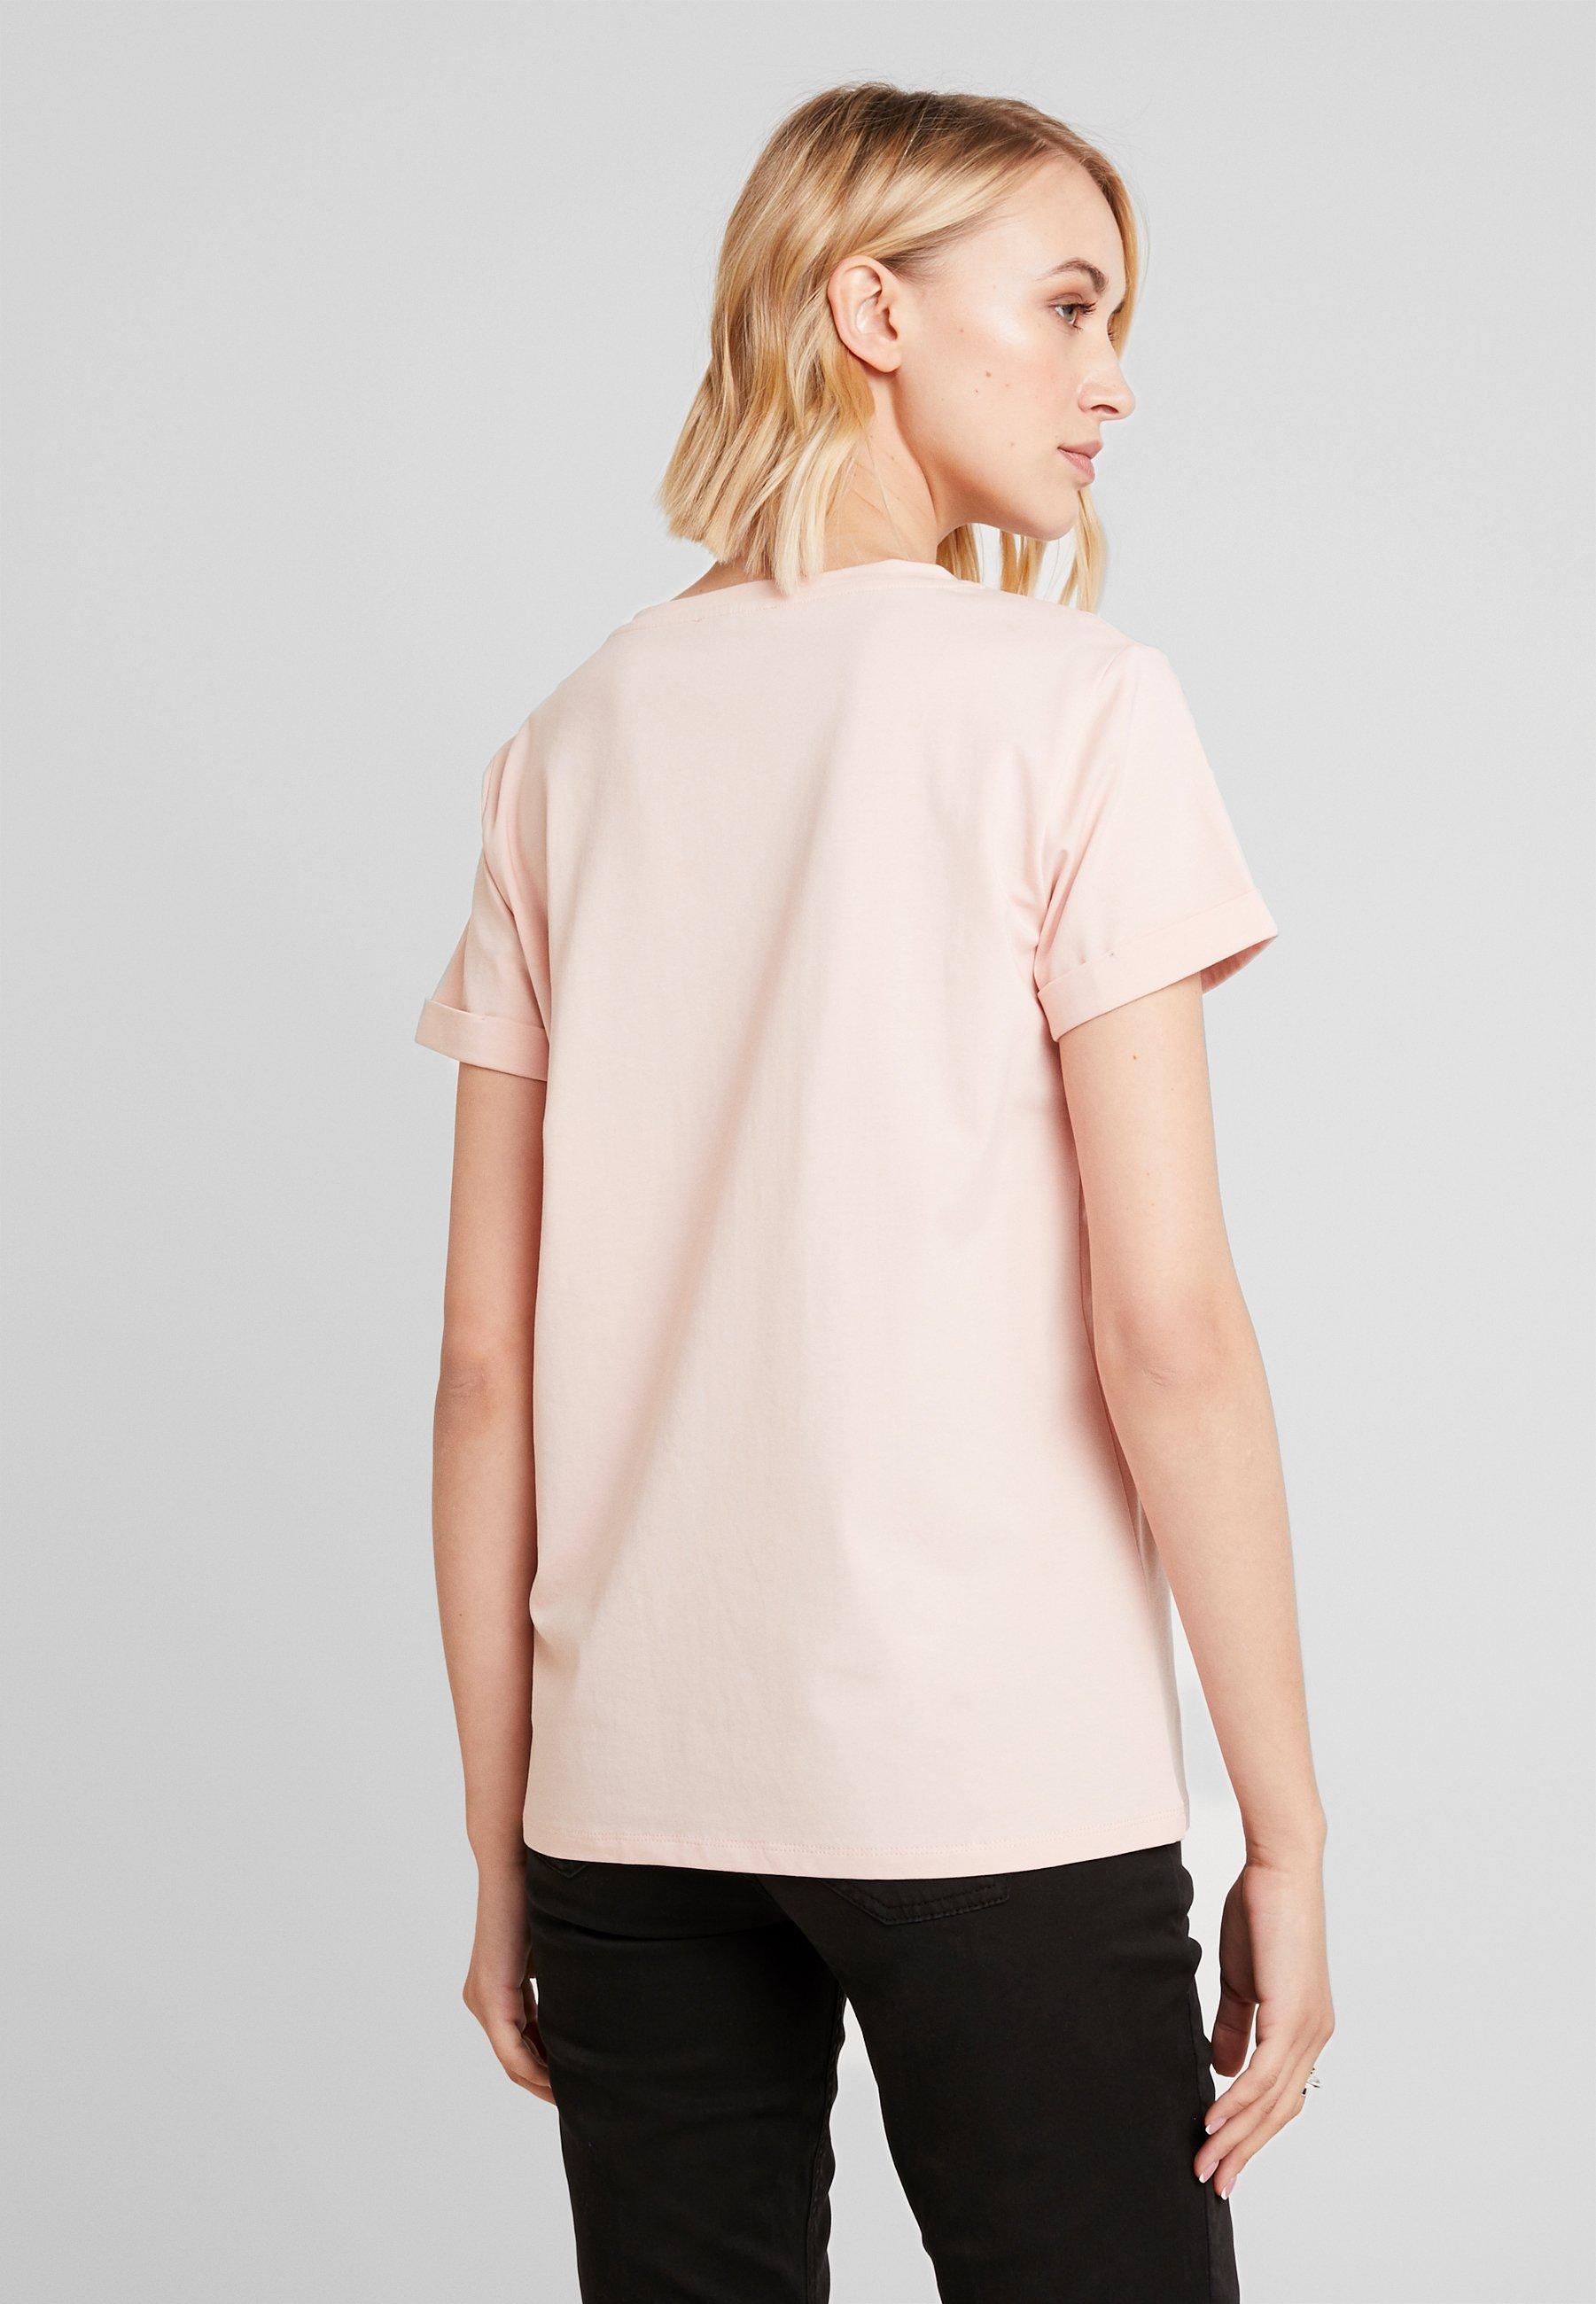 Con Rose Jo Jeans T Liu Stampa shirt qSGpzVLUM